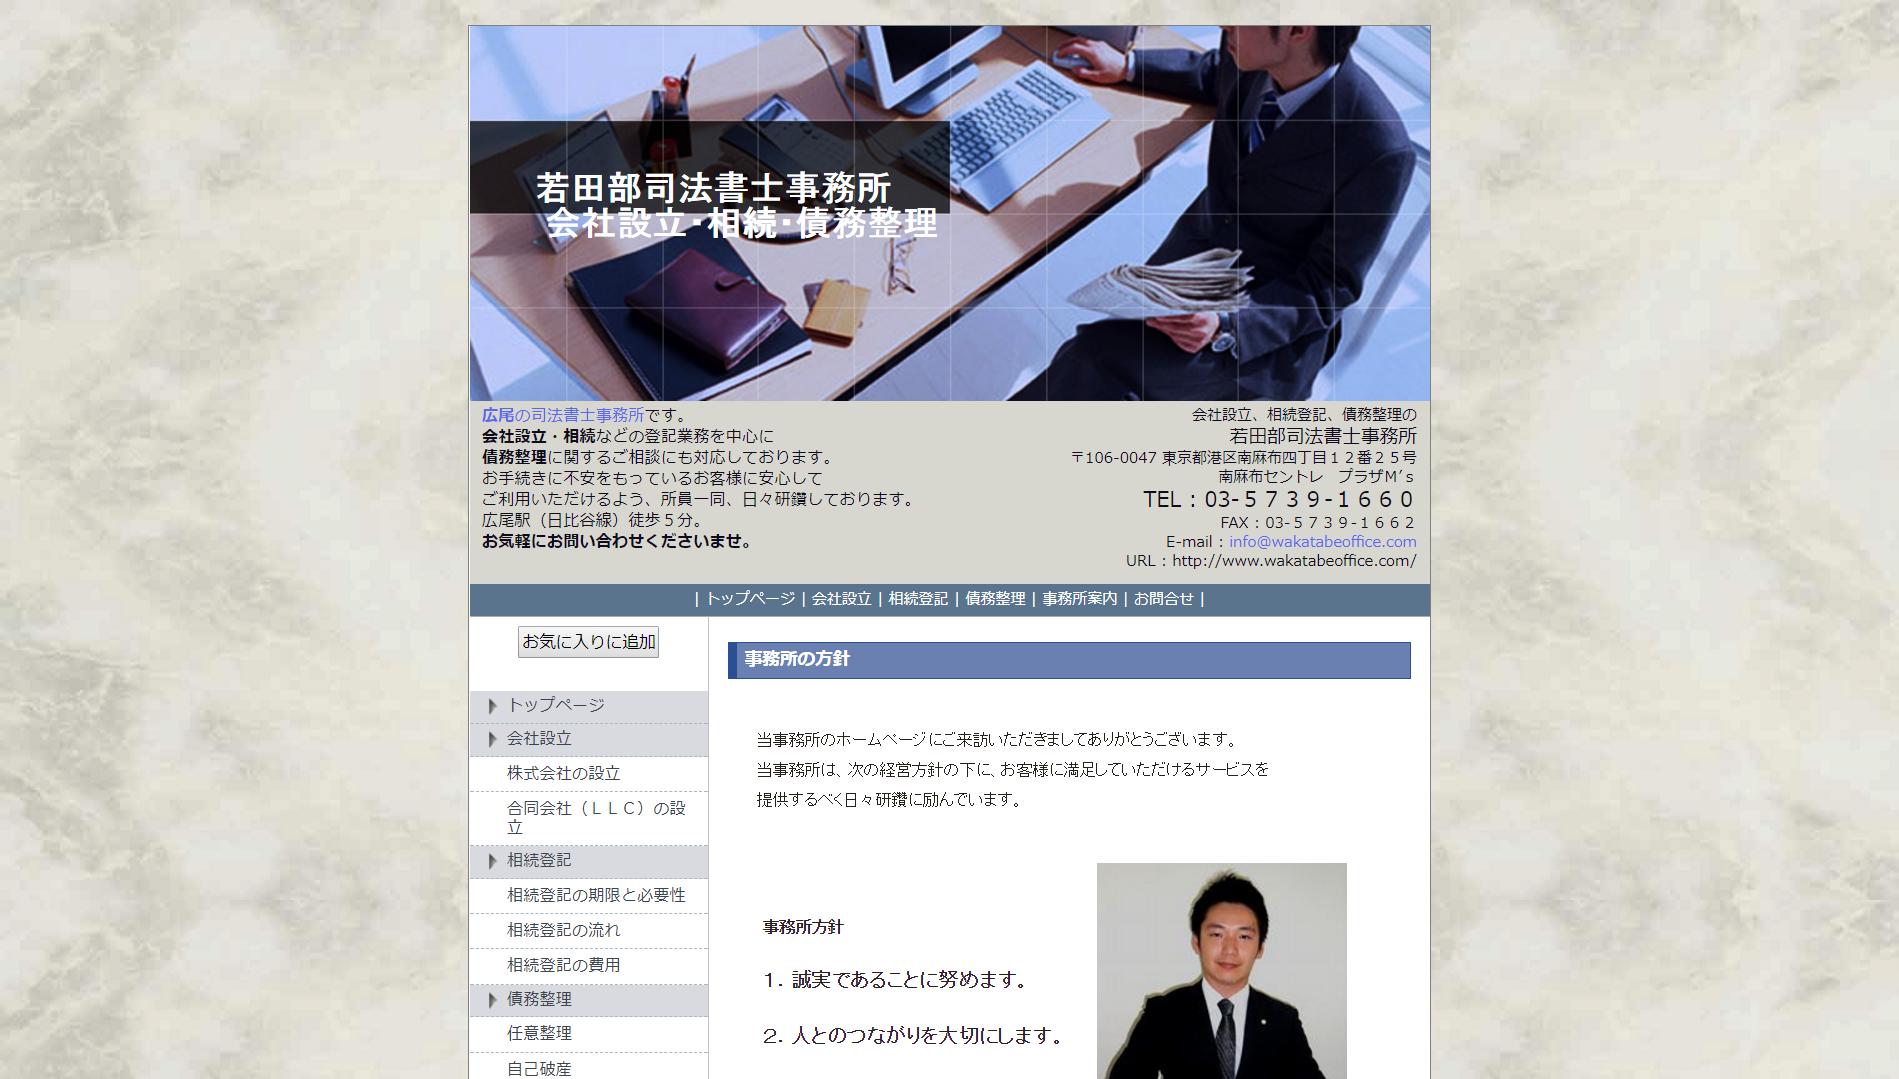 若田部司法書士事務所(東京都港区南麻布)